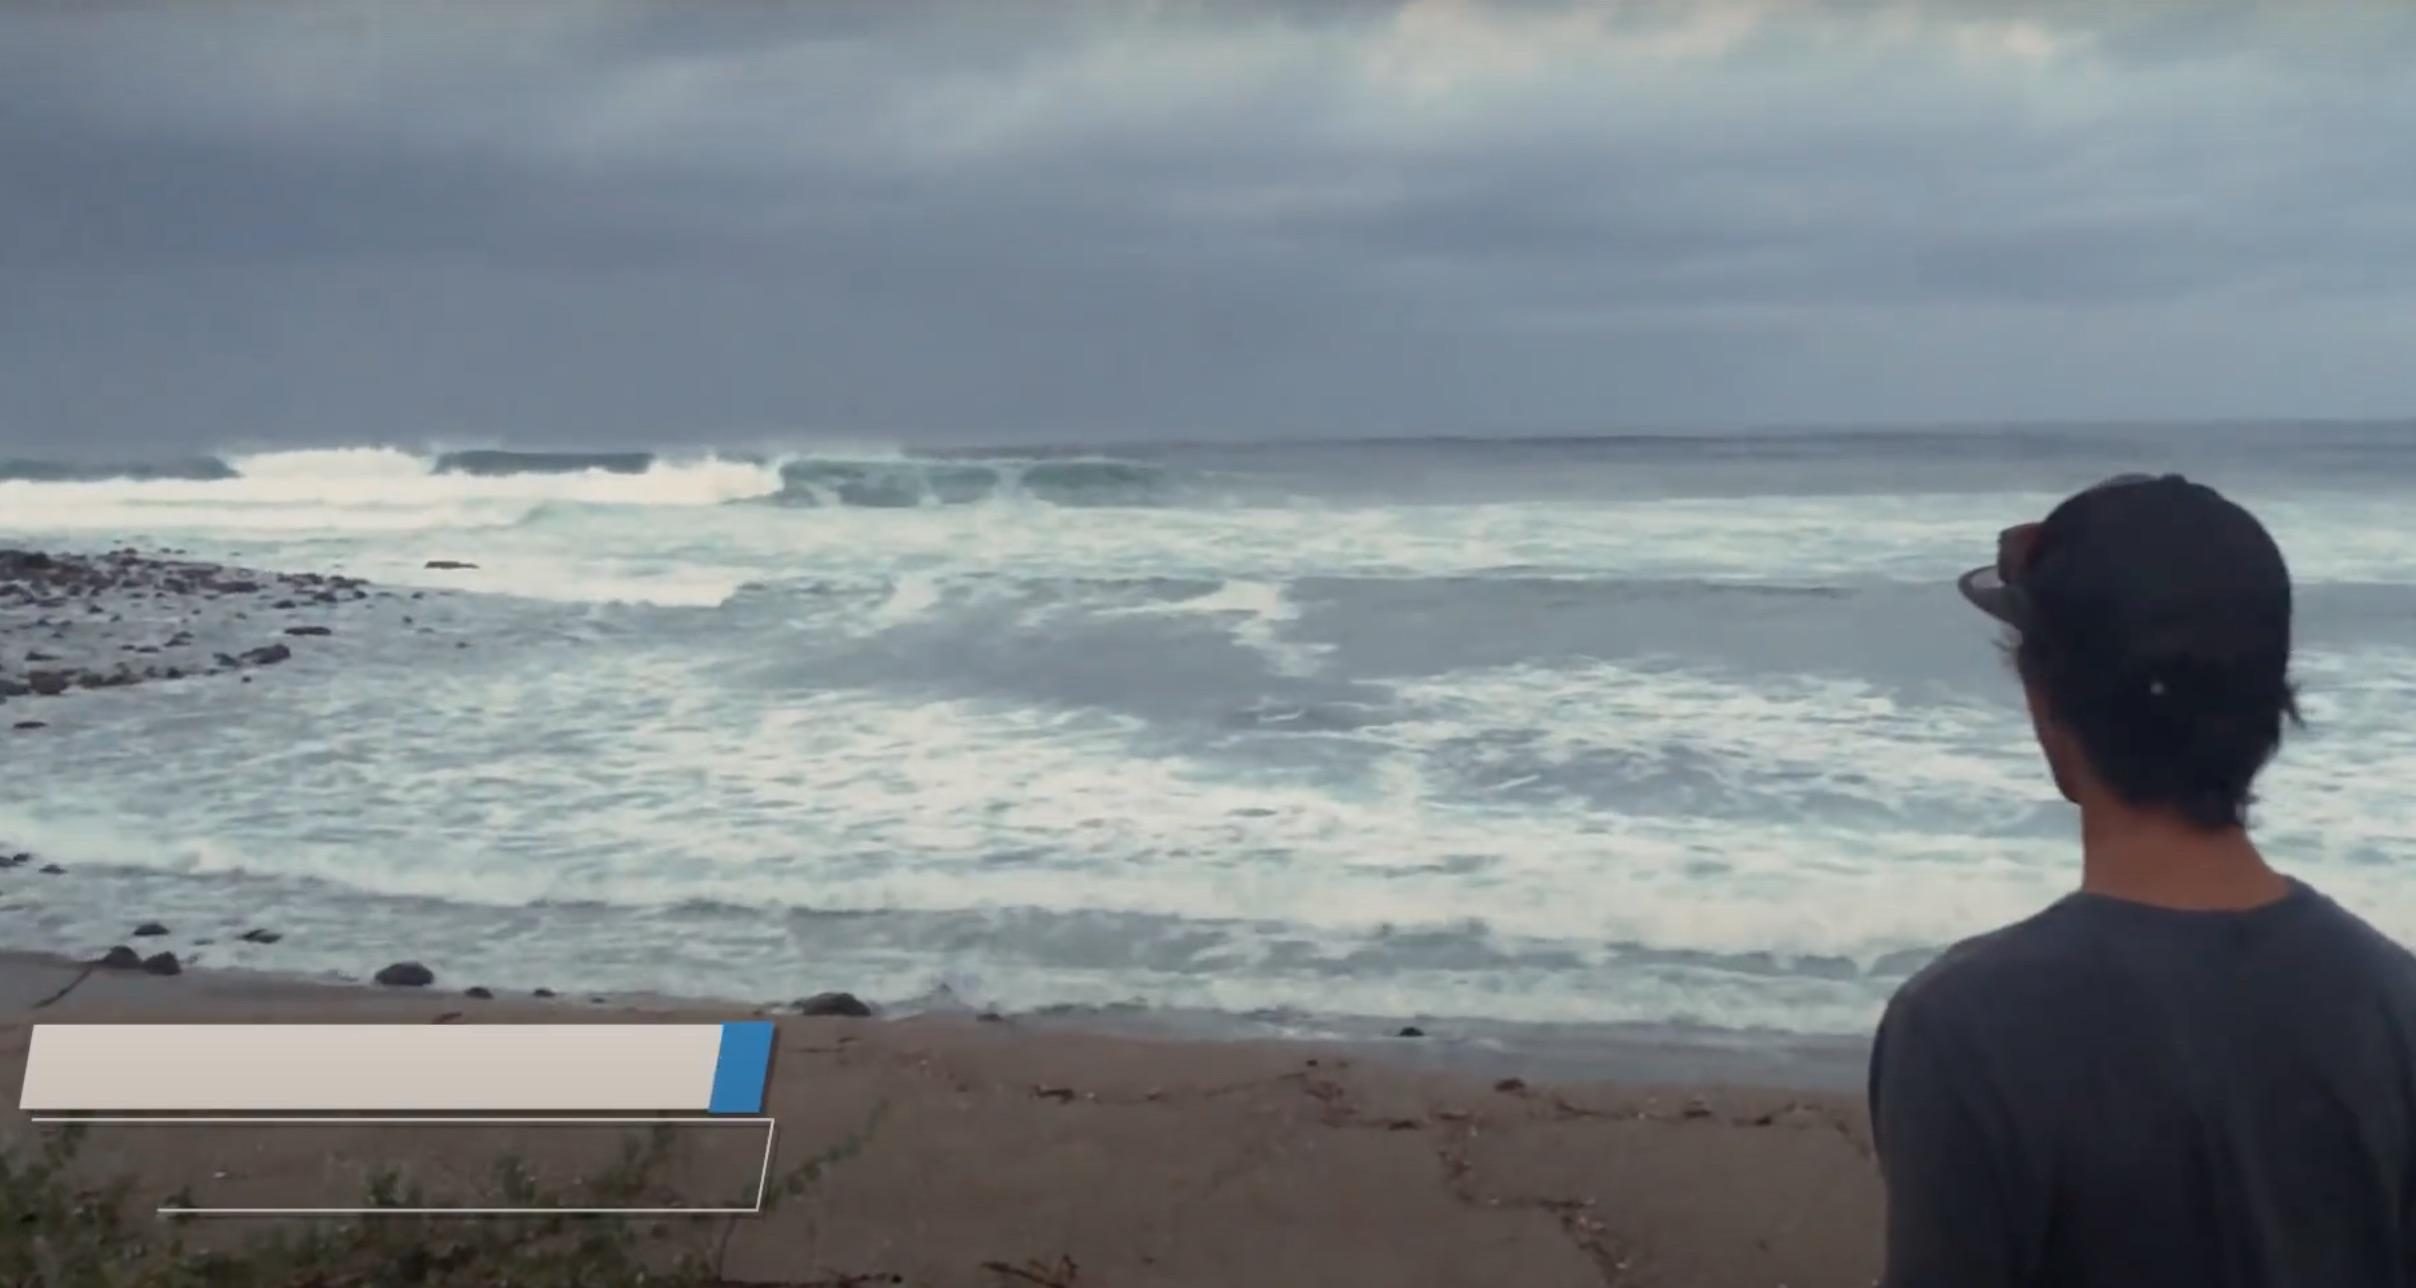 【台風8号】まだ日本にも知られざるこんなに素晴らしい波があった!? 河村海沙が誰も知らない秘境でパーフェクトなロングレフトをスコア!!